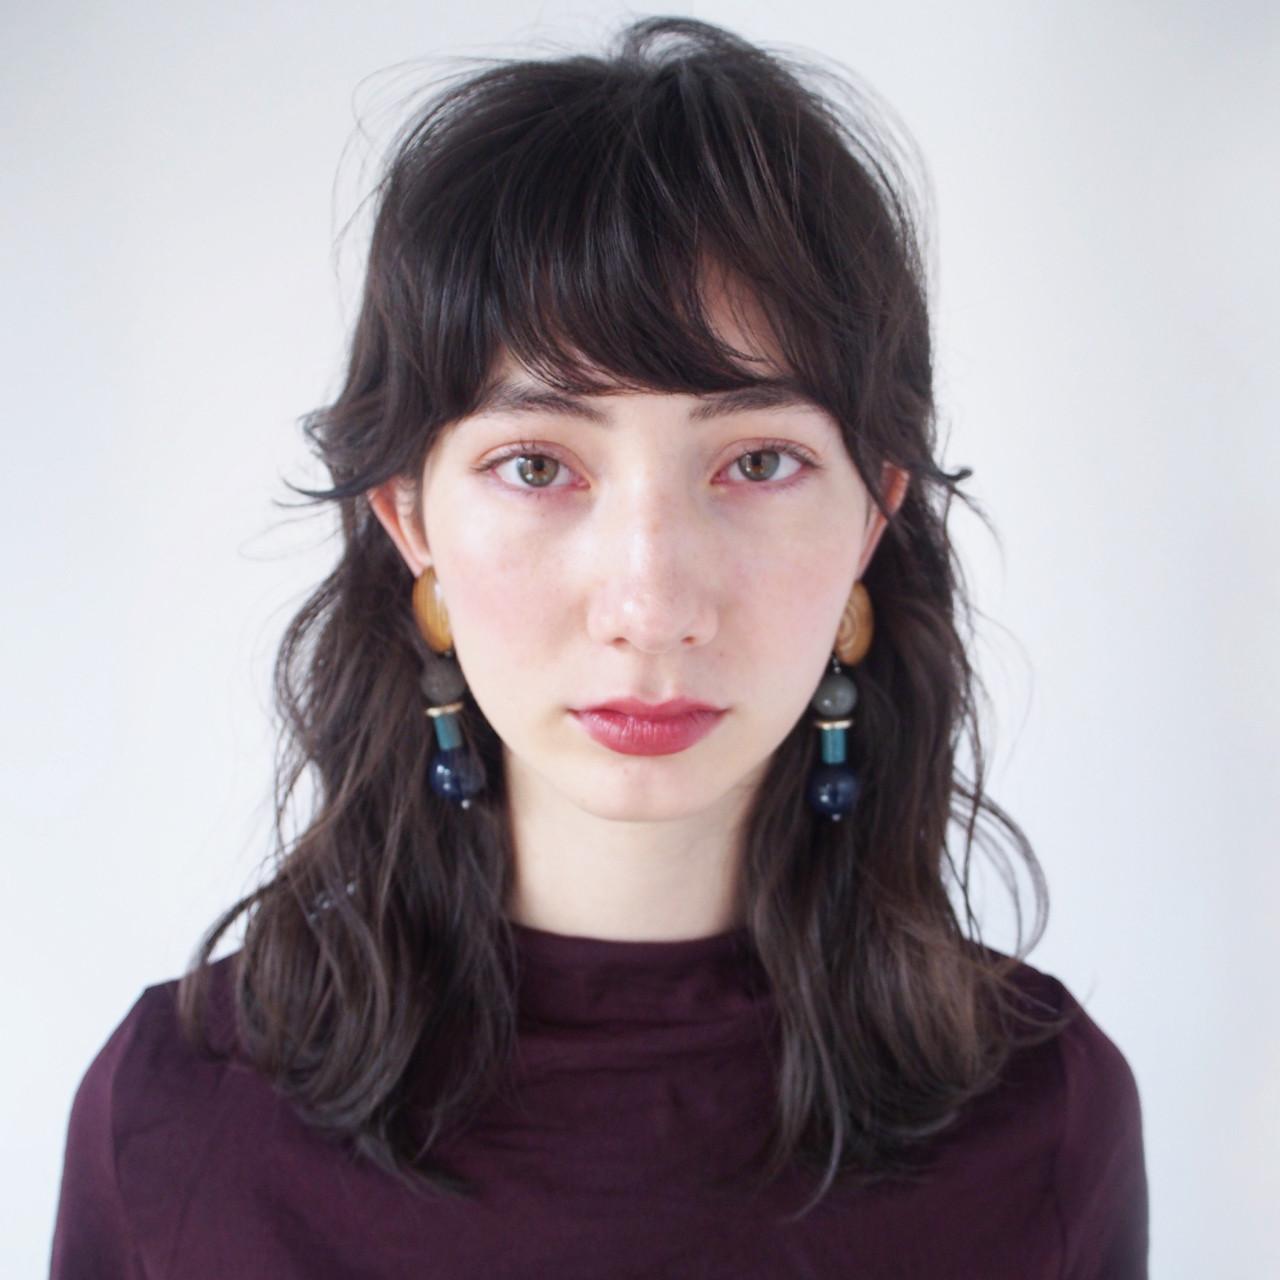 ナチュラル 暗髪 アッシュ 外国人風 ヘアスタイルや髪型の写真・画像